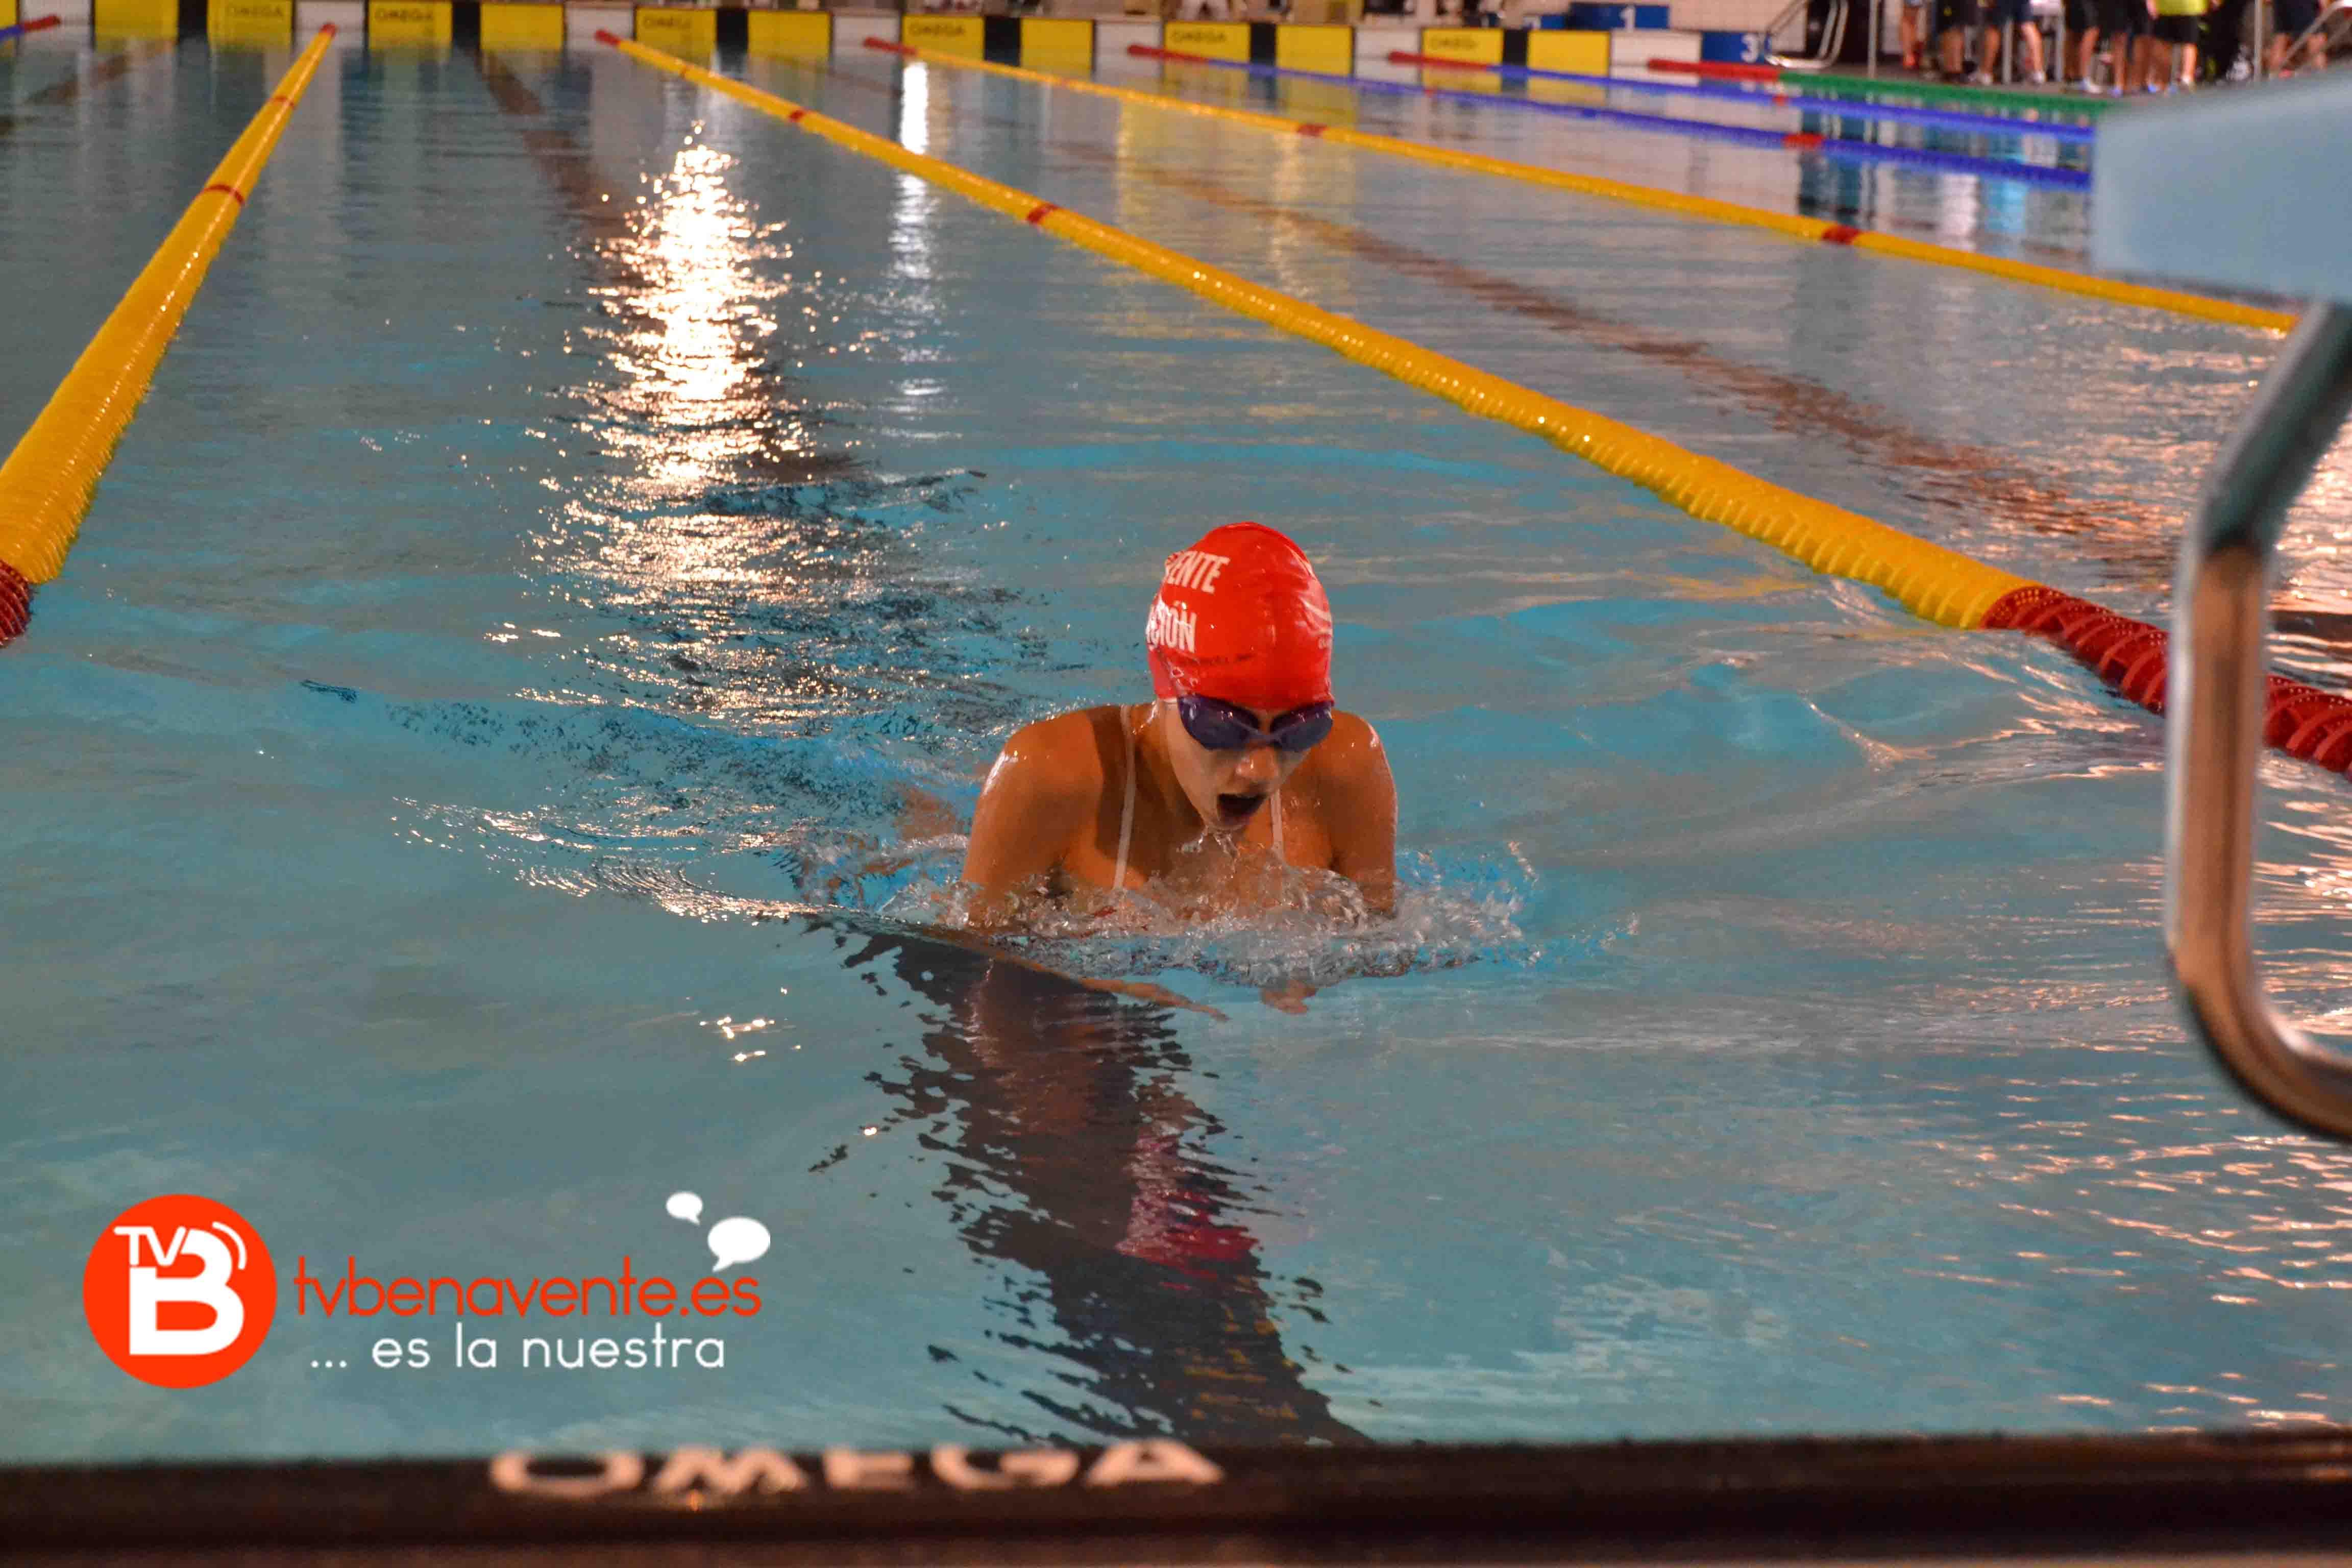 El benavente nataci n finaliza la temporada con grandes for Piscina rio esgueva